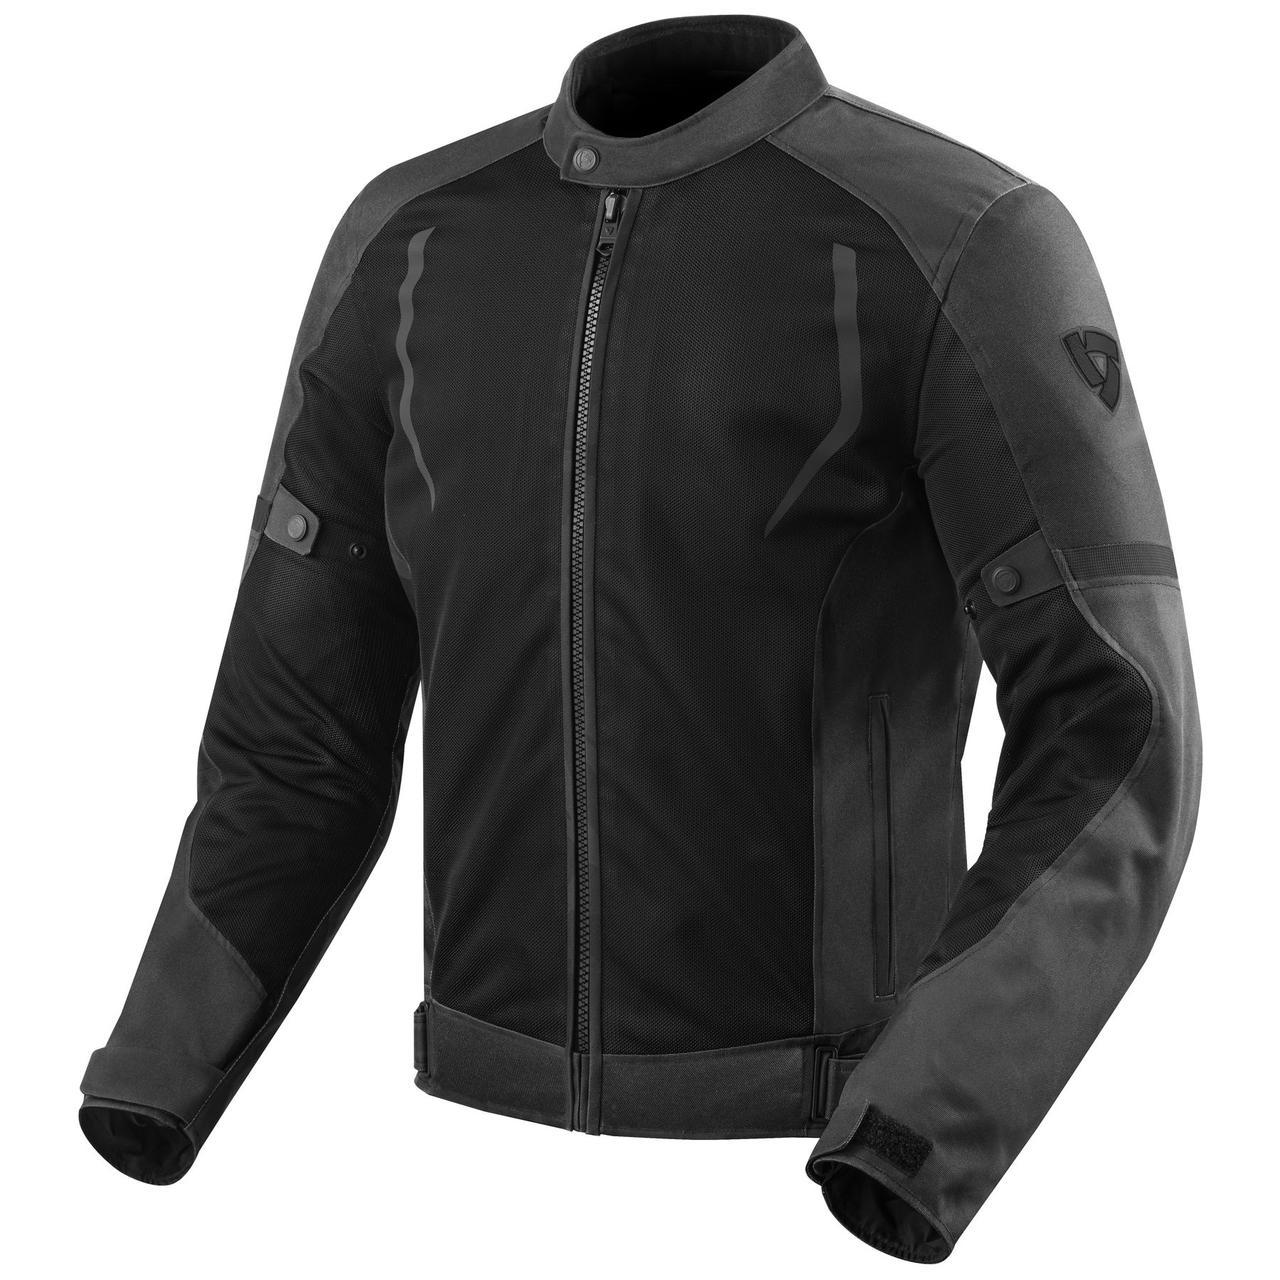 Мотокуртка Revit TORQUE текстиль р. M black